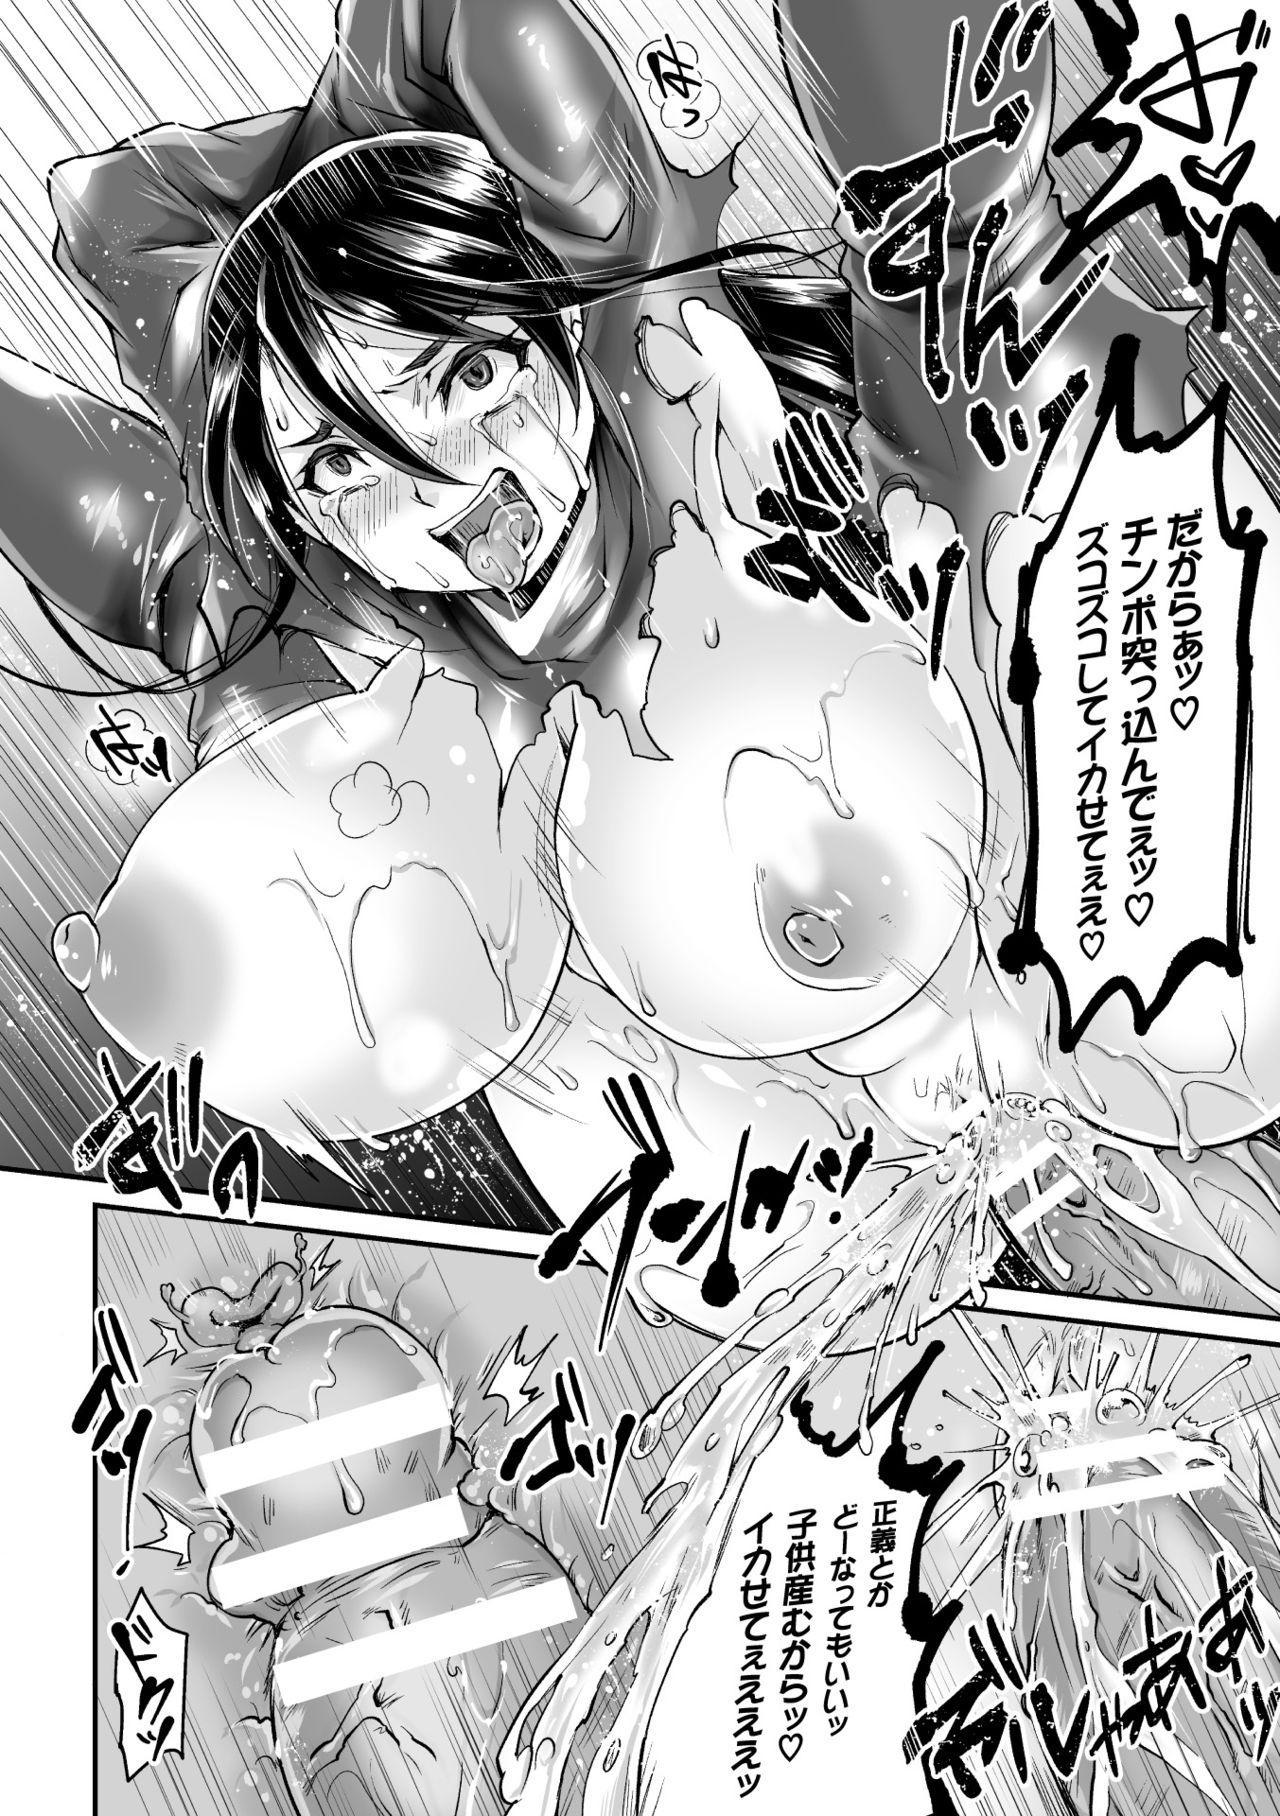 2D Comic Magazine TS Akuochi Nyotaika Shita Seigikan-tachi ga Akuten Acme! Vol. 2 43